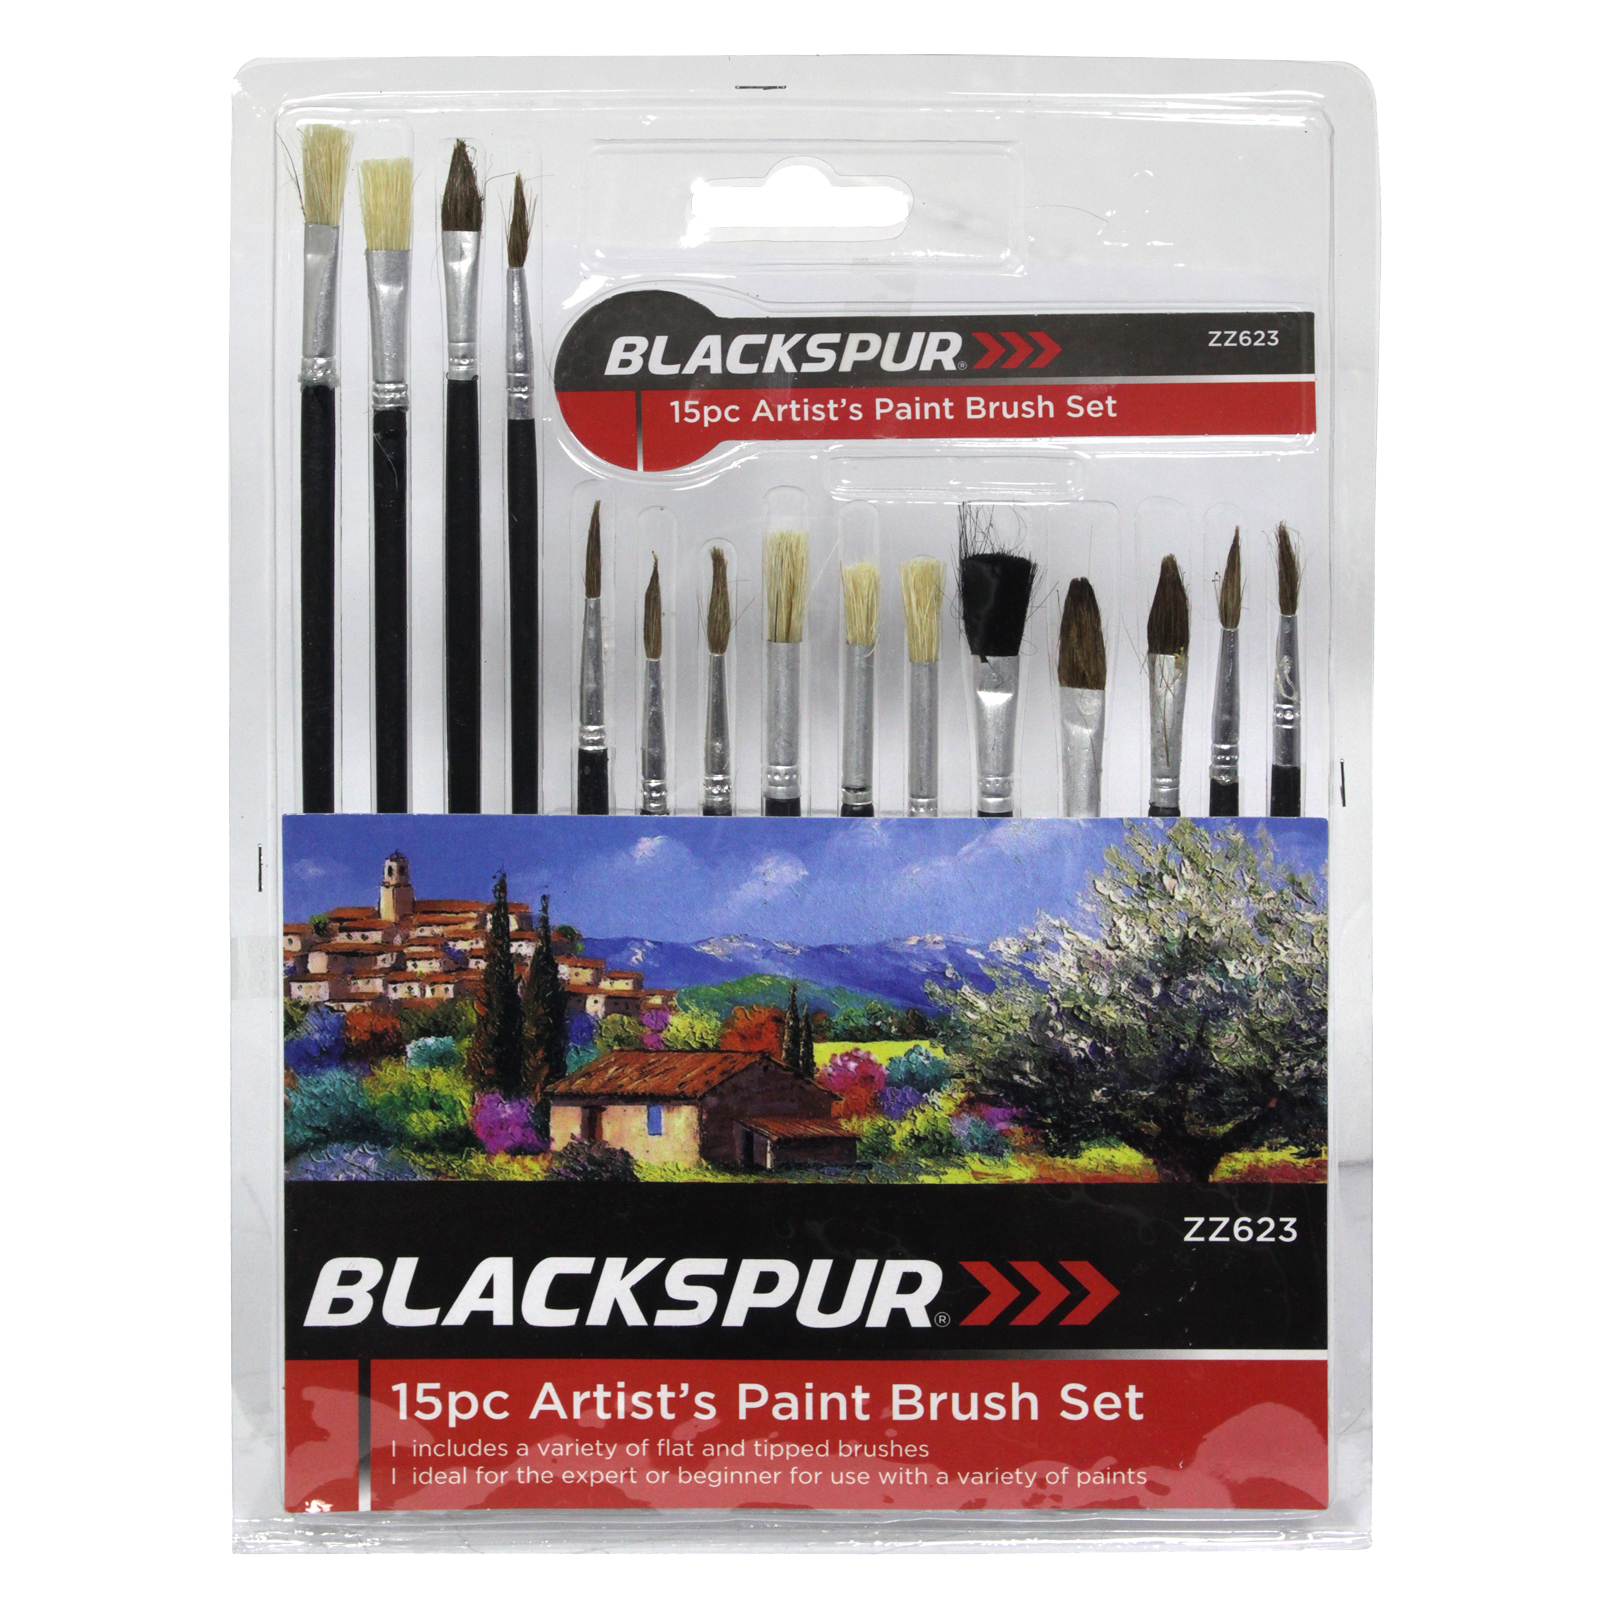 BLACKSPUR 15 PIECE ARTISTS PAINT BRUSH